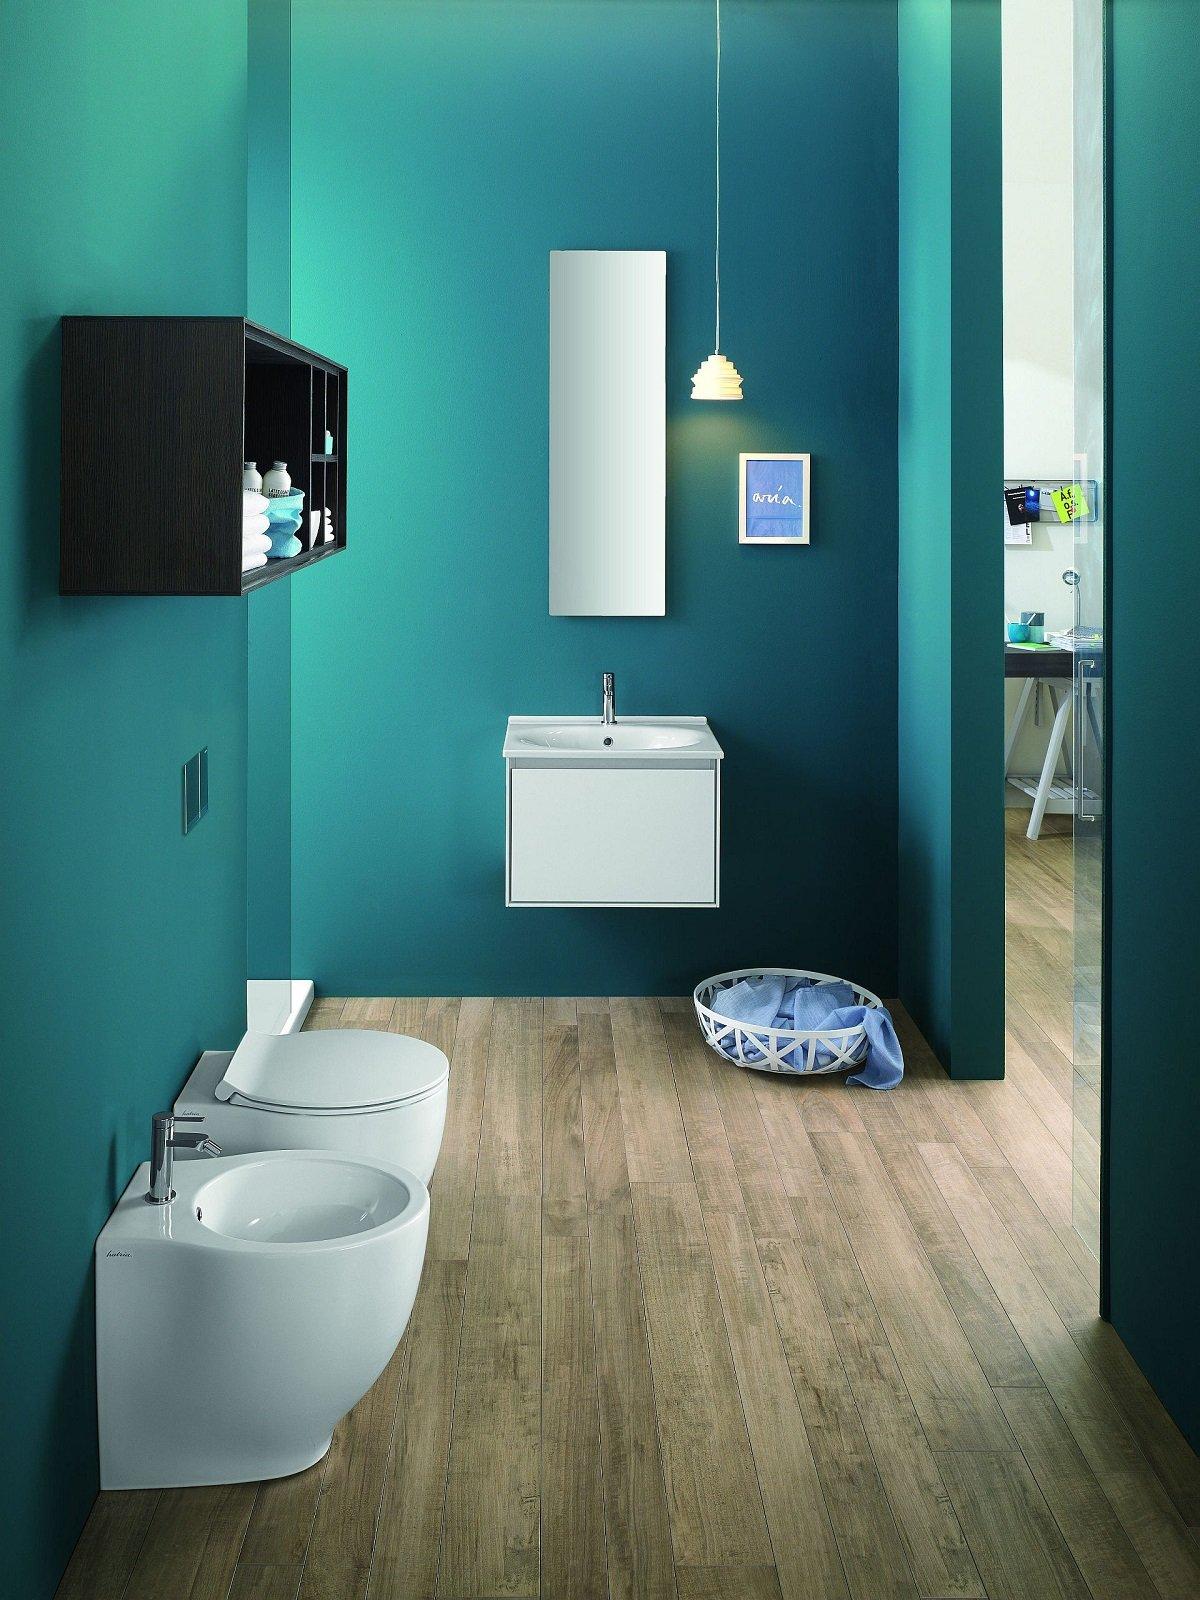 Ristrutturare il bagno sostituzione dei sanitari pi facile con alcuni modelli speciali - Misure scarichi bagno ...